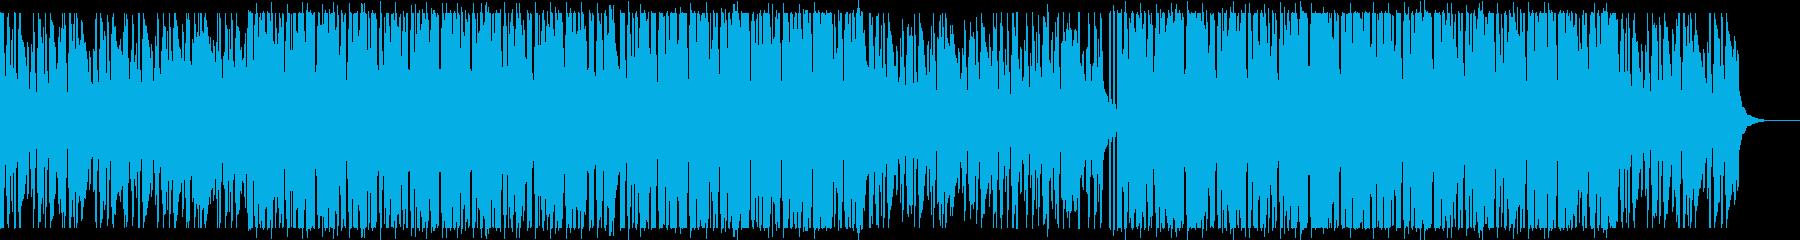 大人な雰囲気のピアノダンスポップの再生済みの波形